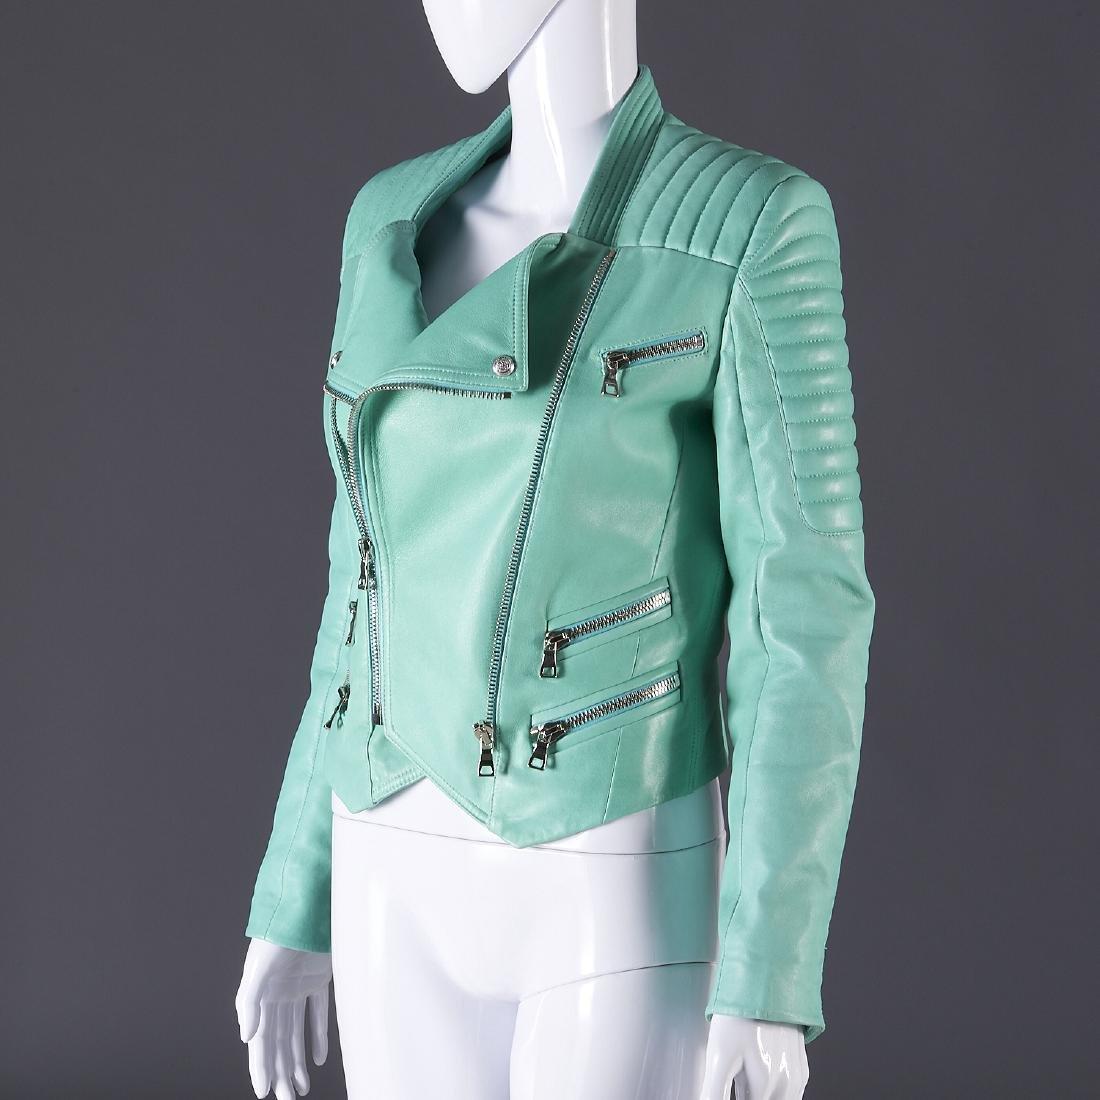 Balmain Paris turquoise lambskin jacket - 2